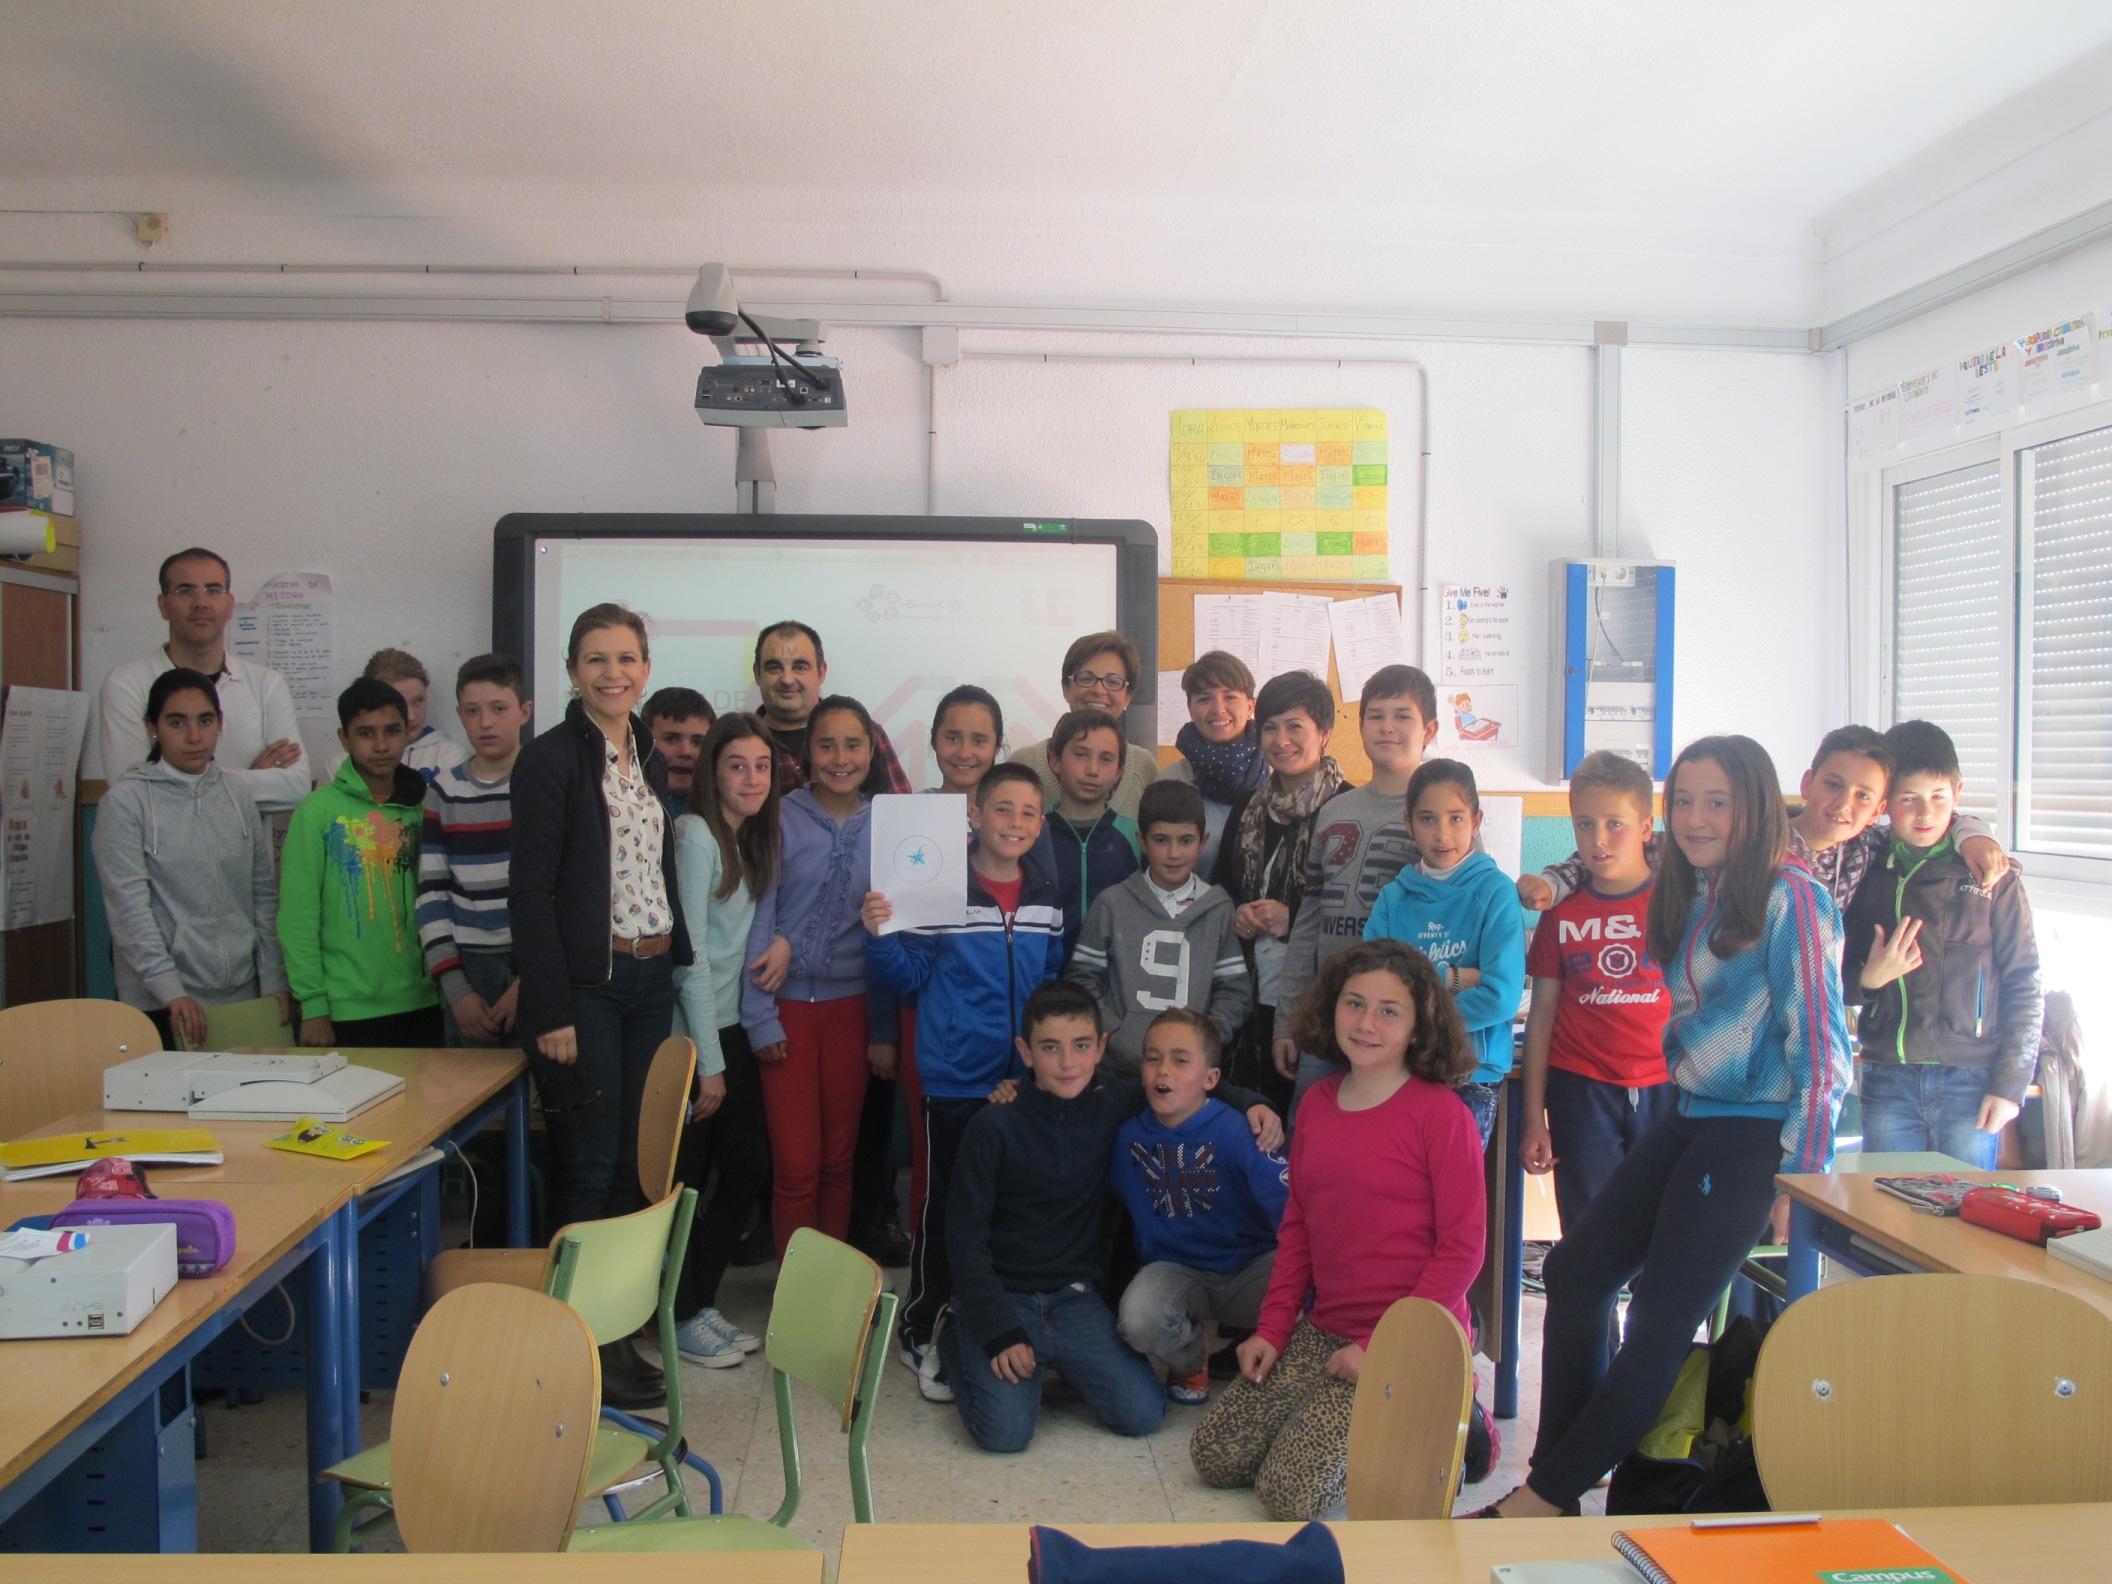 Veinticuatro alumnos de 5� de Primaria de Adra aprenden a ser emprendedores a trav�s de un programa de la Junta